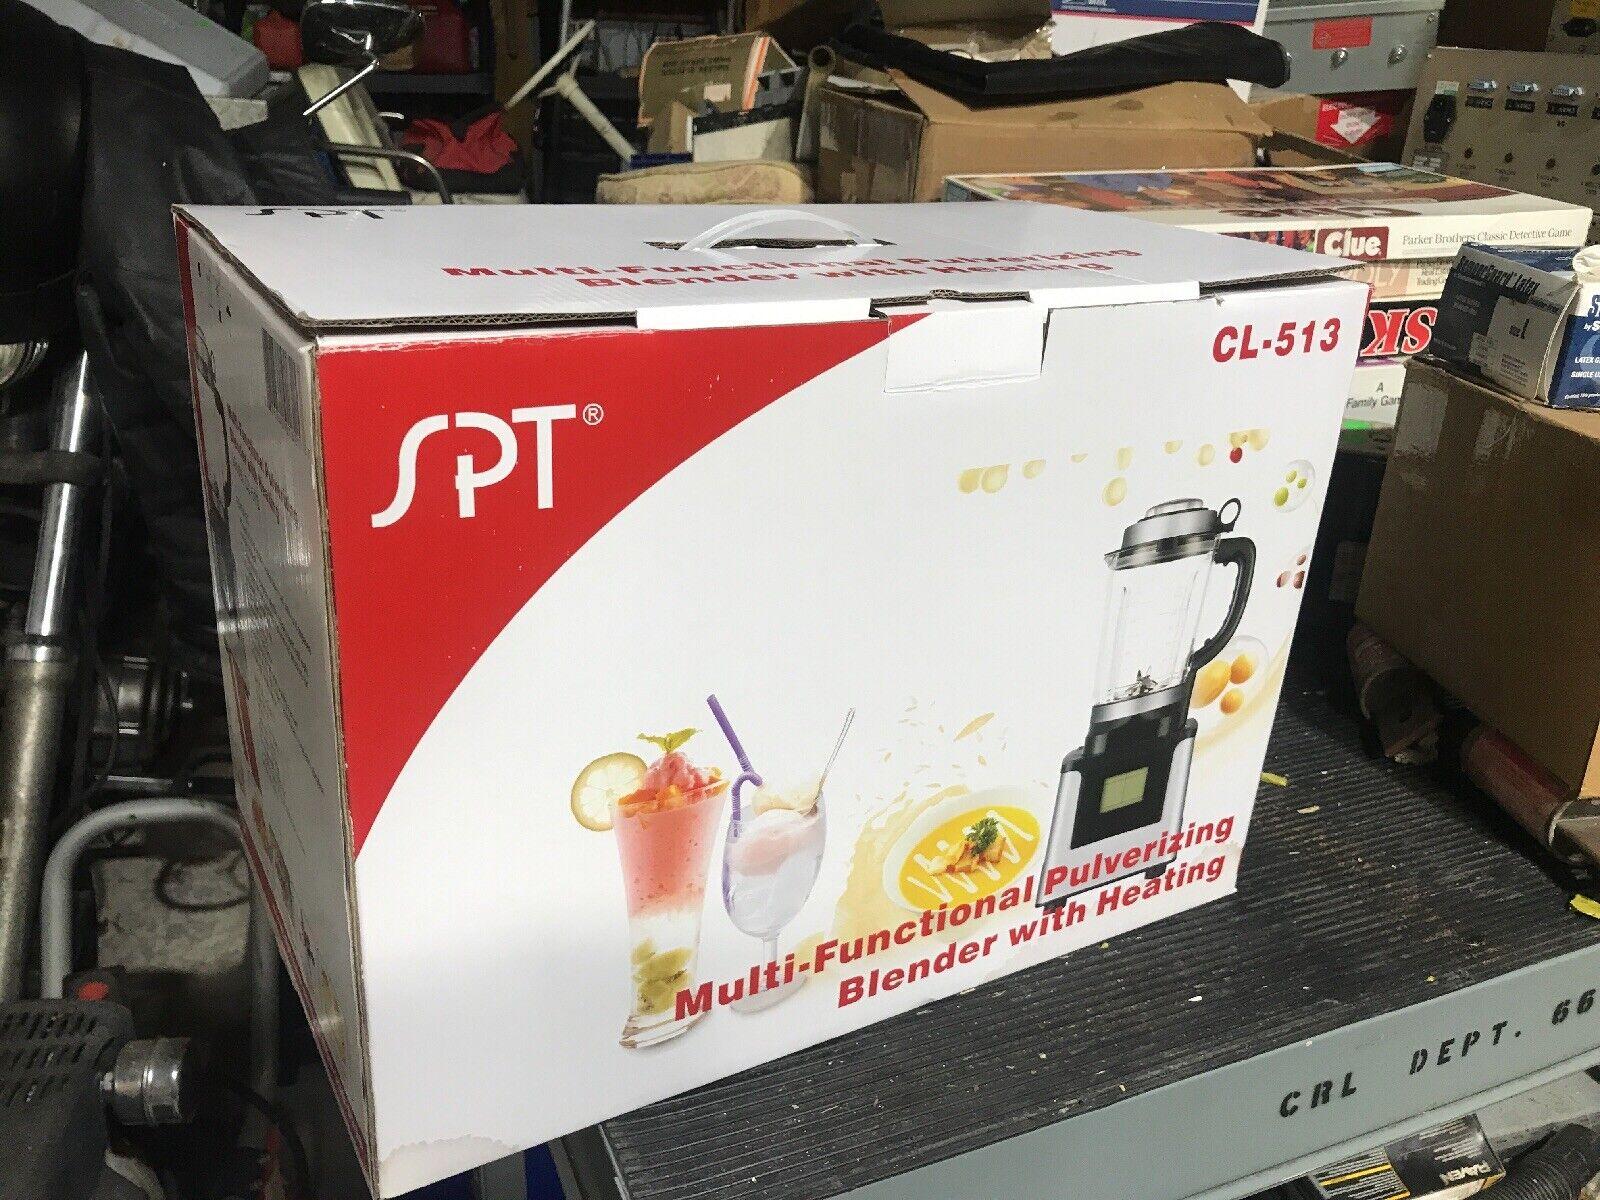 SPT comptoir Blender 3.5HP moteur 9-Réglage de Vitesse écran tactile Pulse Bouton